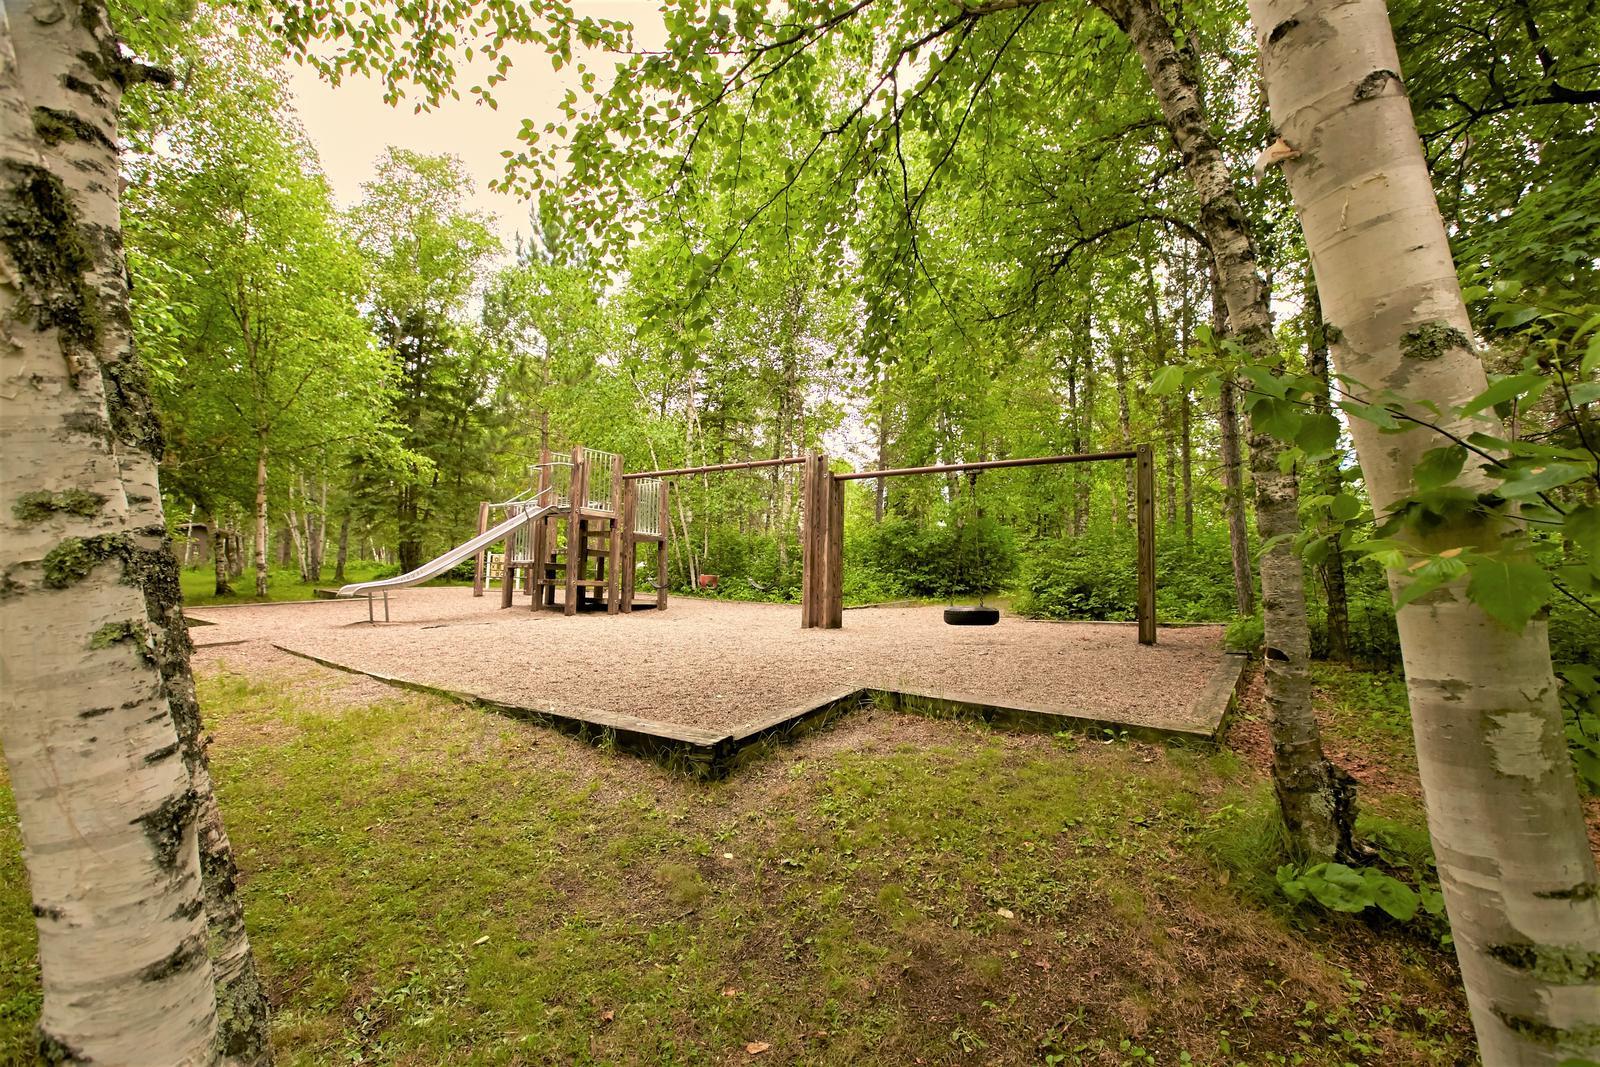 Playground at Pfeiffer LakePlayground